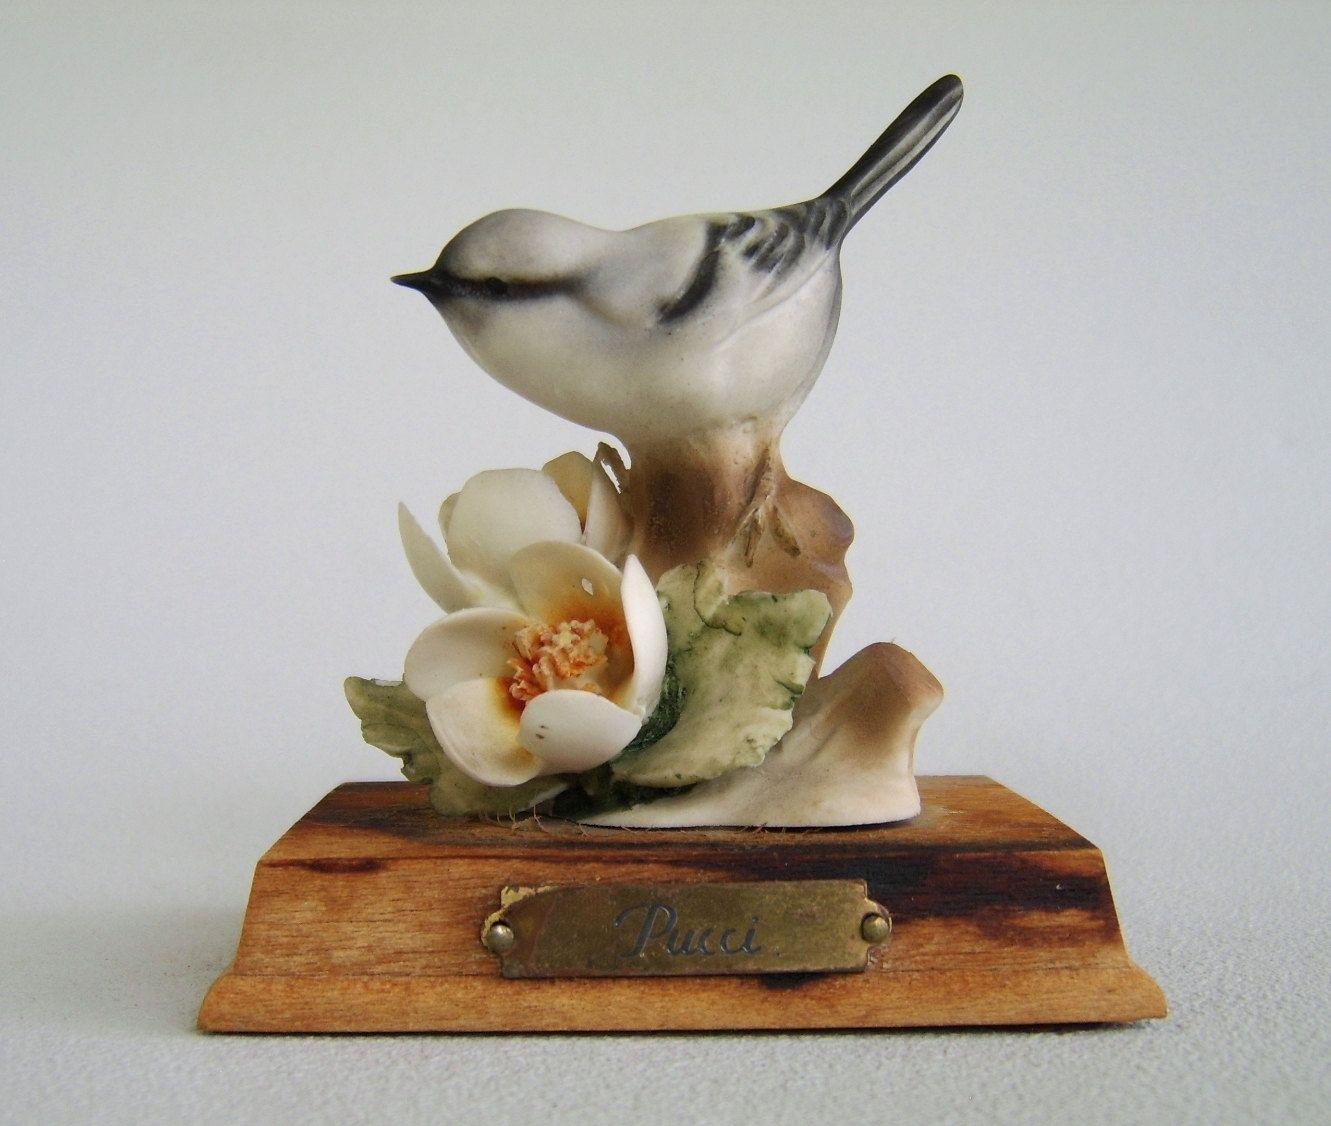 Vintage Pucci Porcelain Bird Figurine Porcelain